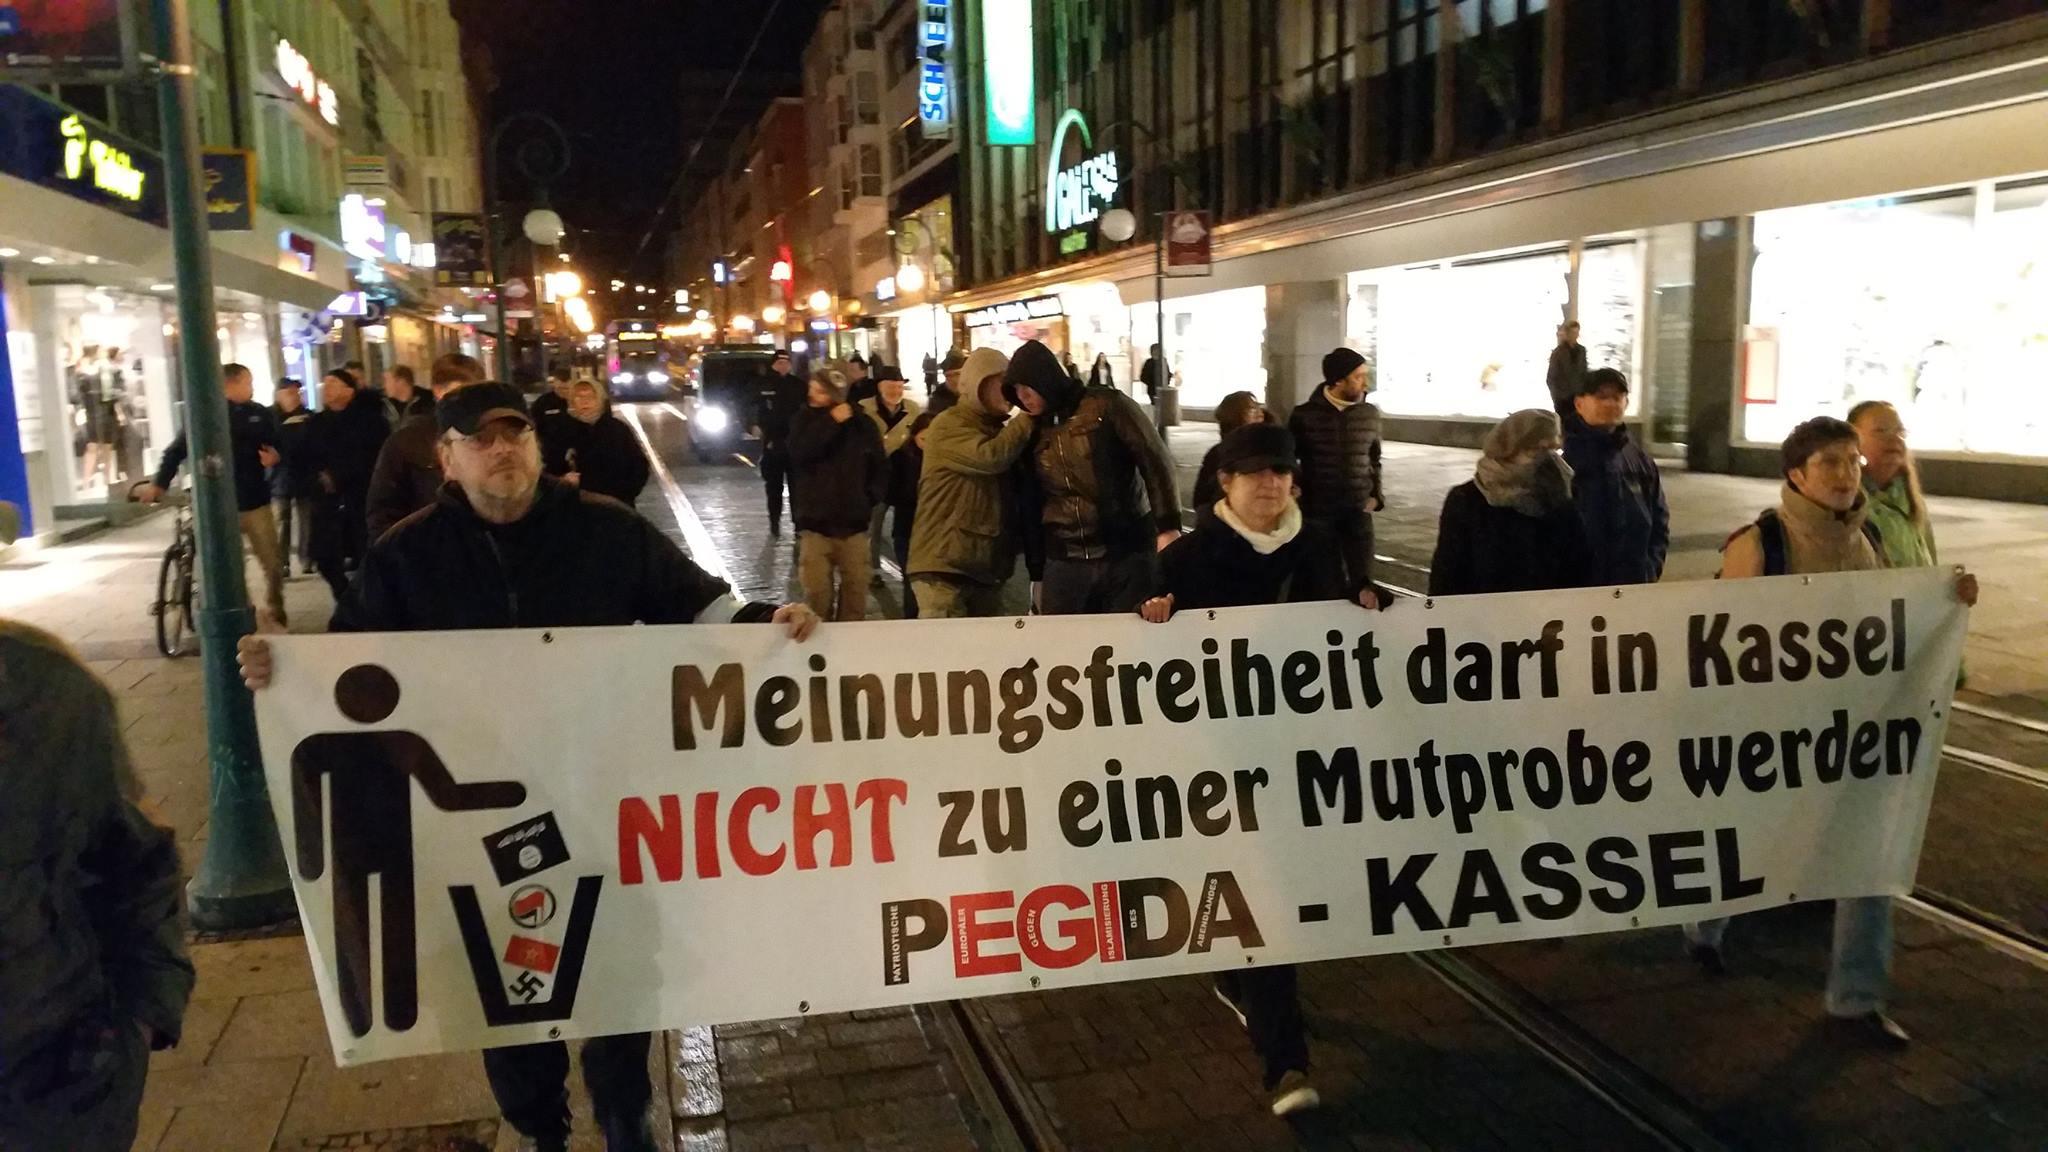 Spaziergang Pegida Kassel am 16.11.2015